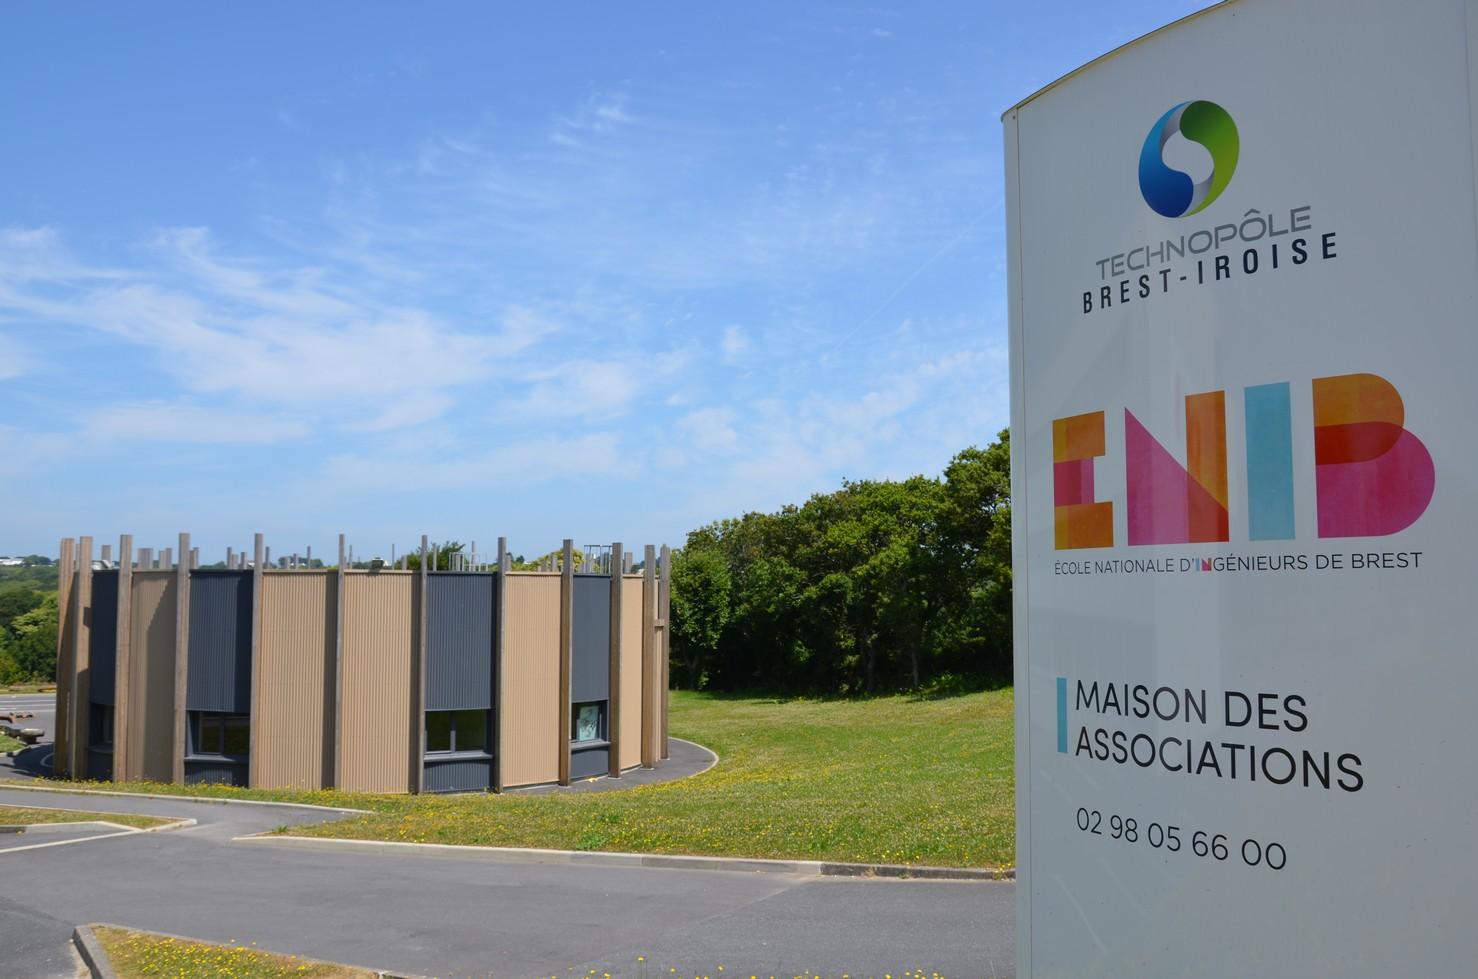 Maison des Associations ENIB